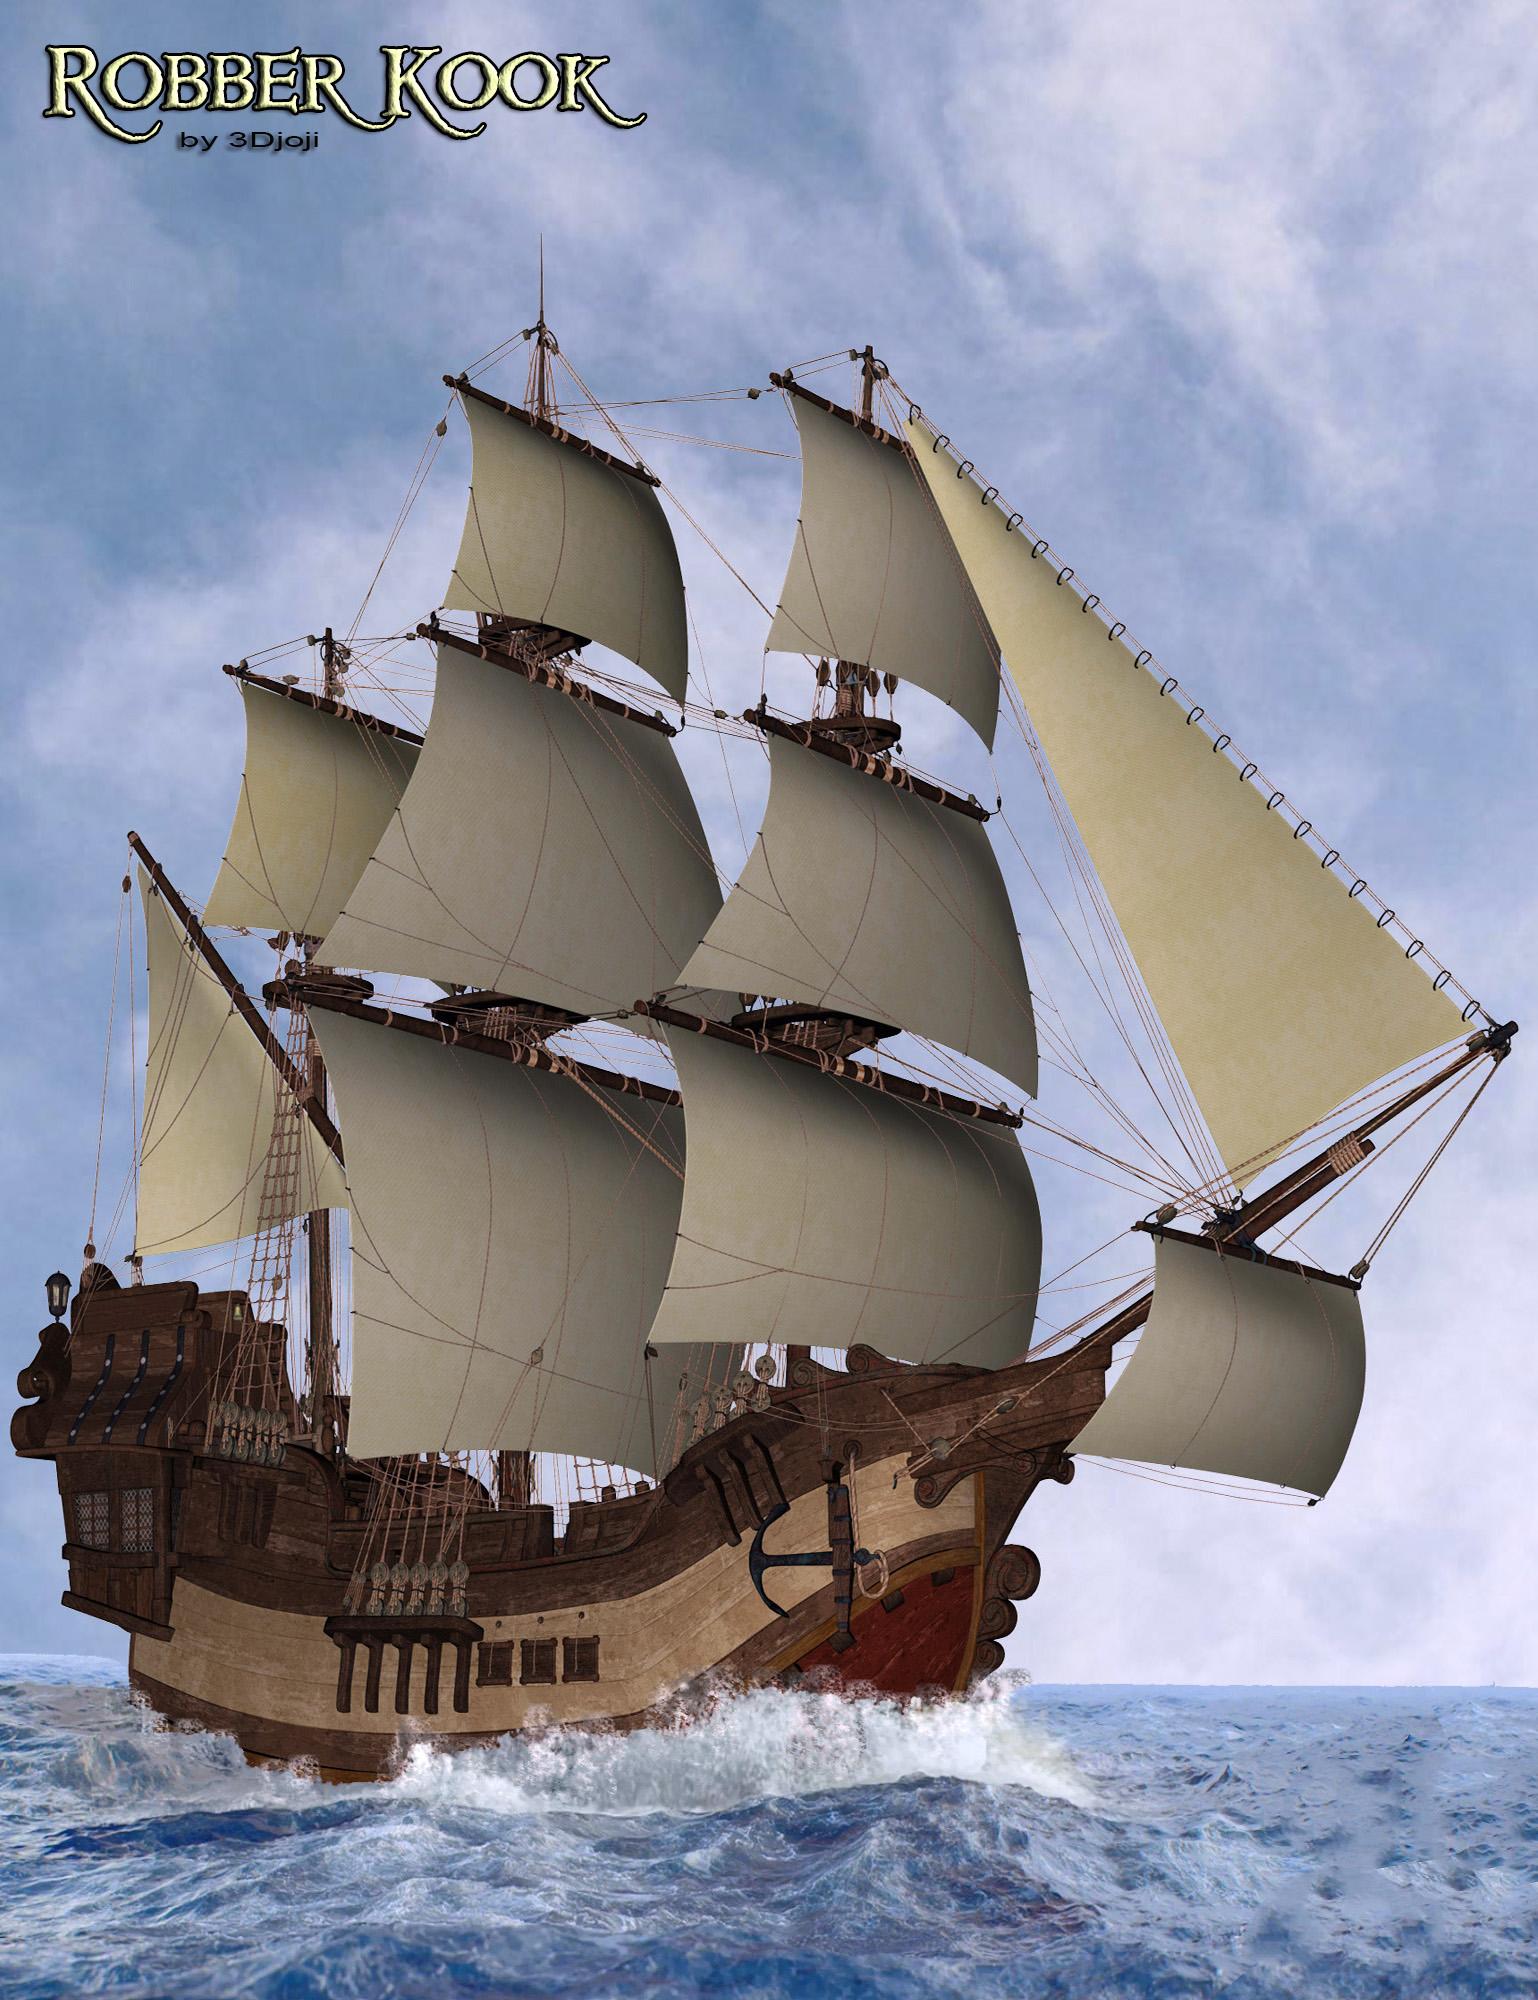 RobberKook Toon Boat by: 3djoji, 3D Models by Daz 3D